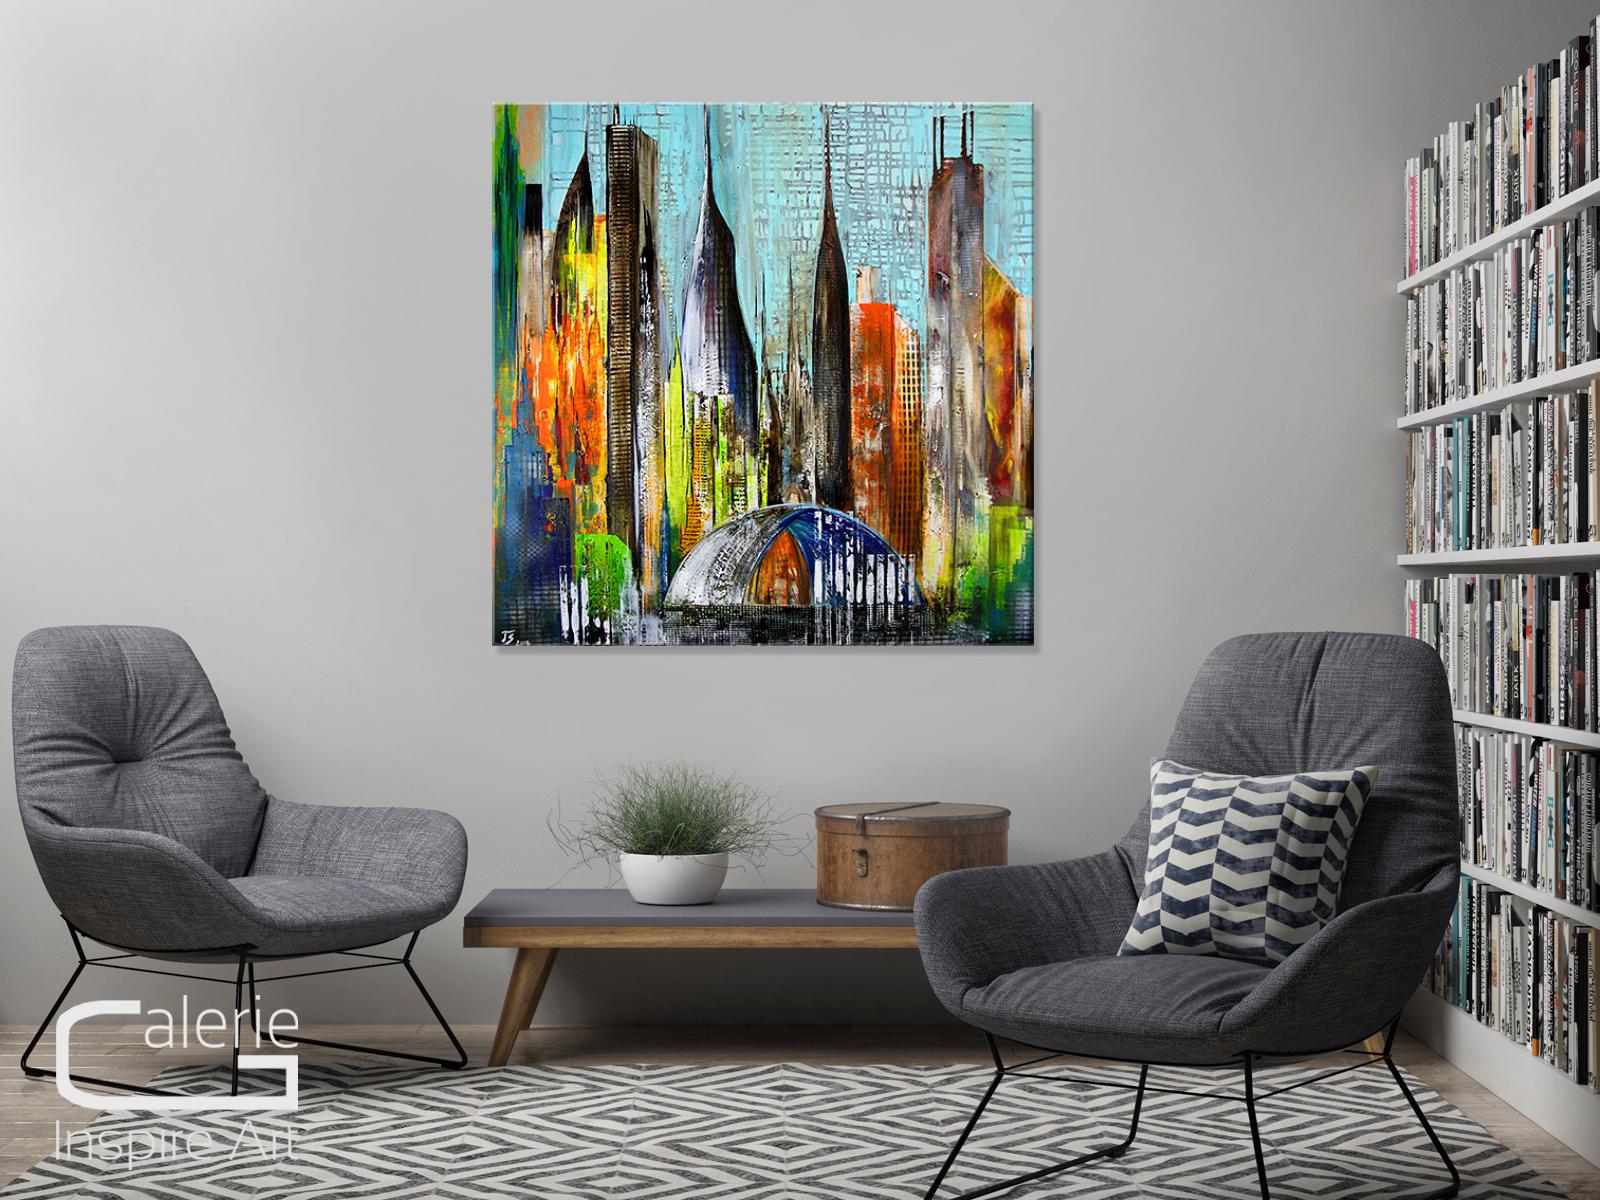 abstrakte bilder auf leinwand kaufen ausstellungsgem lde thomas stephan metropole galerie. Black Bedroom Furniture Sets. Home Design Ideas